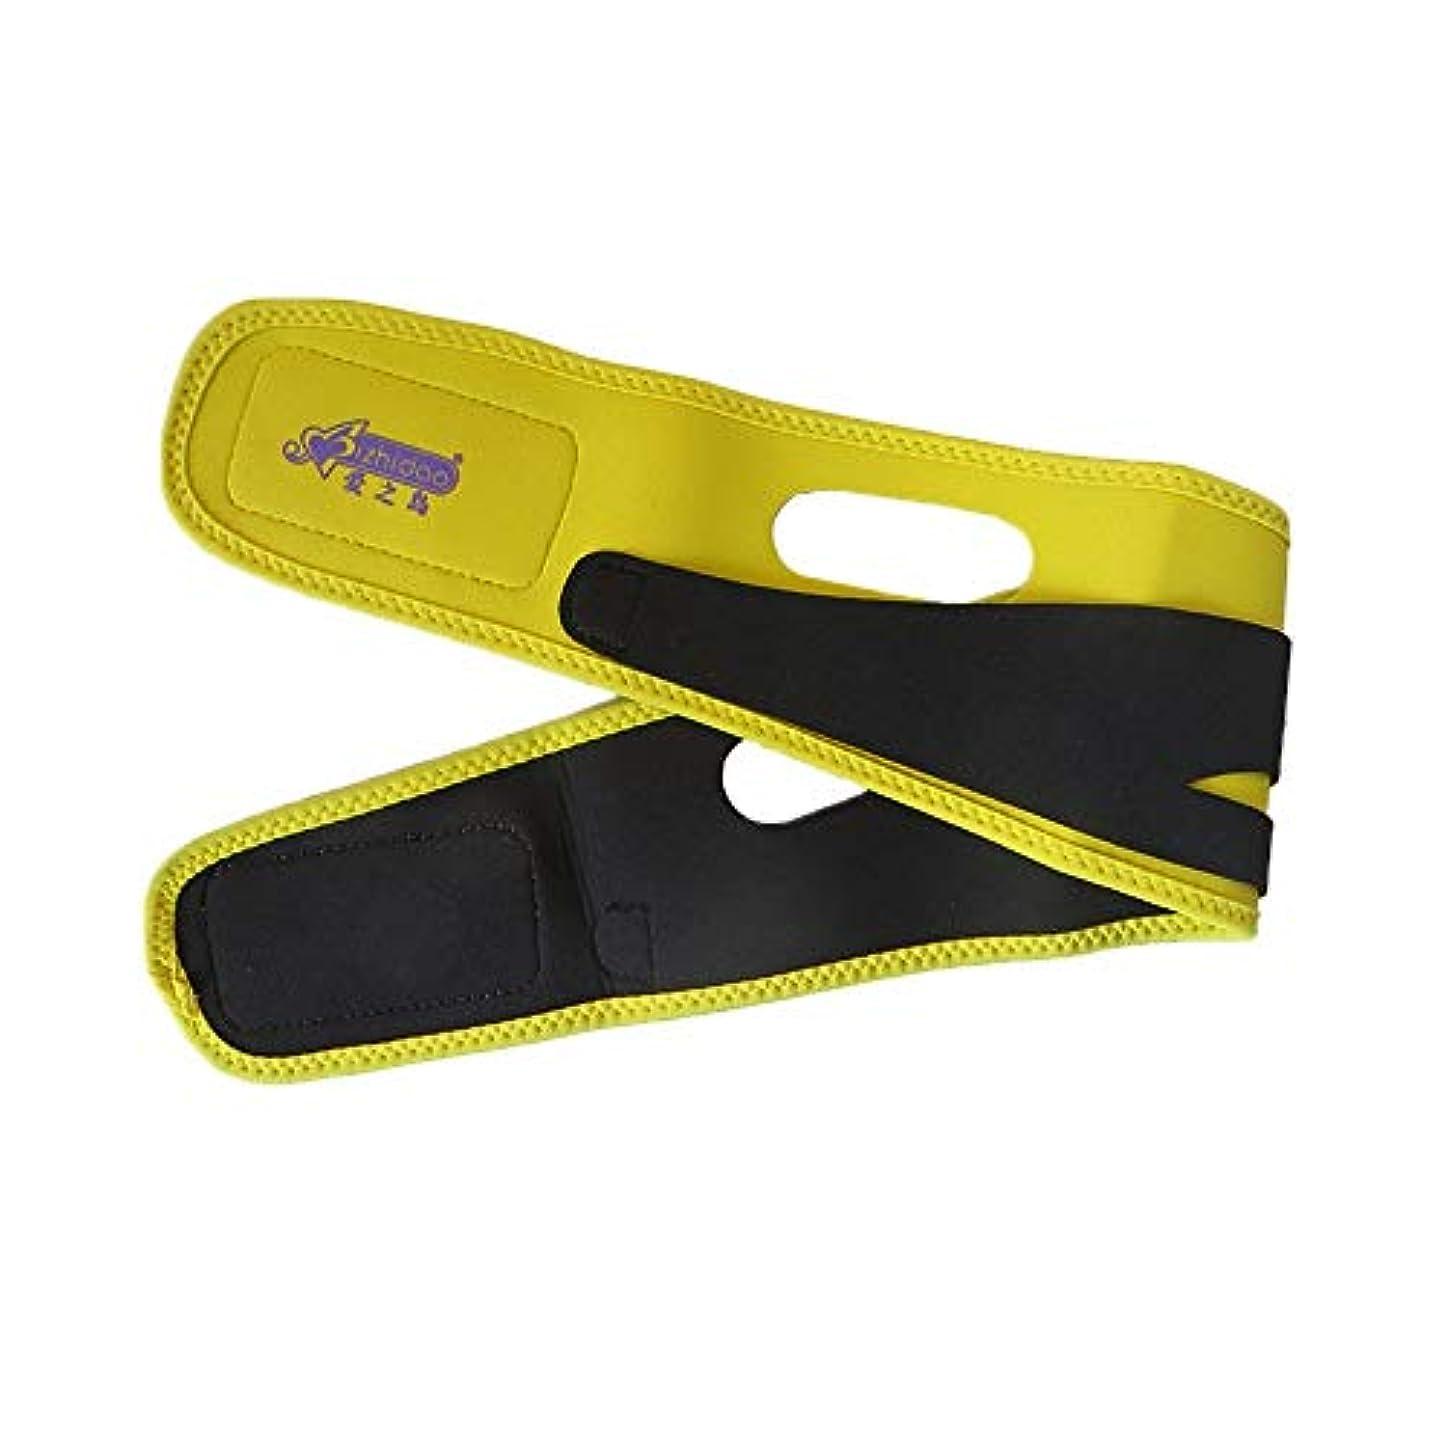 並外れたフラフープ開業医XHLMRMJ フェイススリミングバンデージ、ダブルチンケア減量、フェイシャルリフティングバンデージ、フェイスマッサージマスク、ダブルチンストラップ(フリーサイズ) (Color : Yellow)